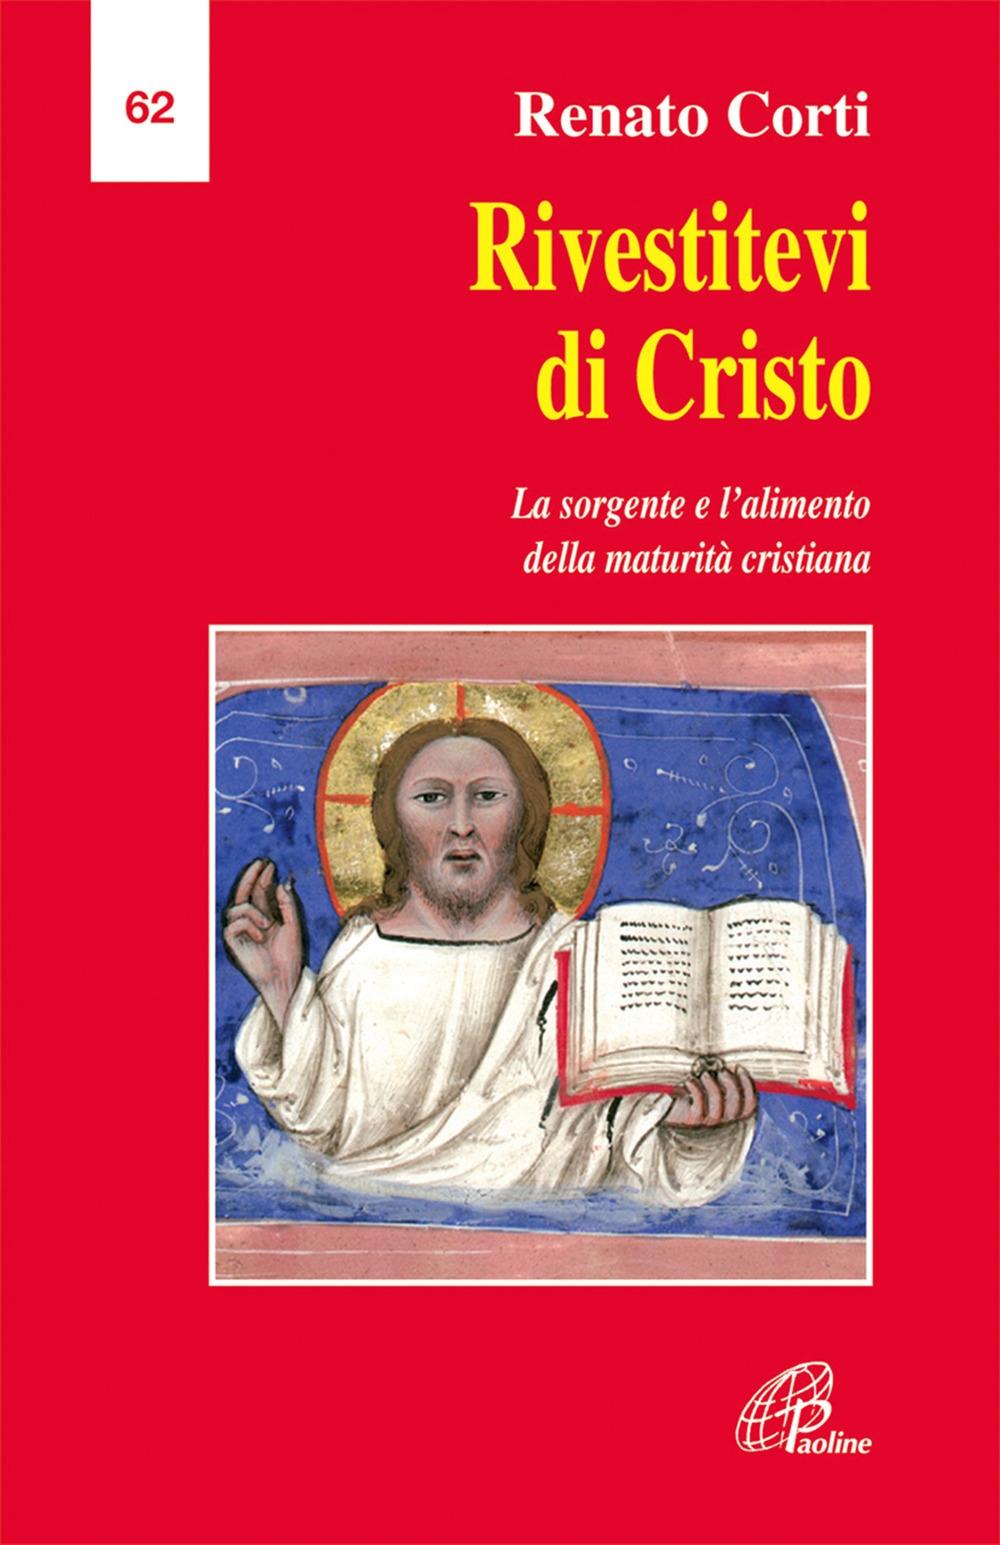 Rivestitevi di Cristo Eucaristia e Parola di Dio: la sorgente e l'alimento della maturità cristiana.